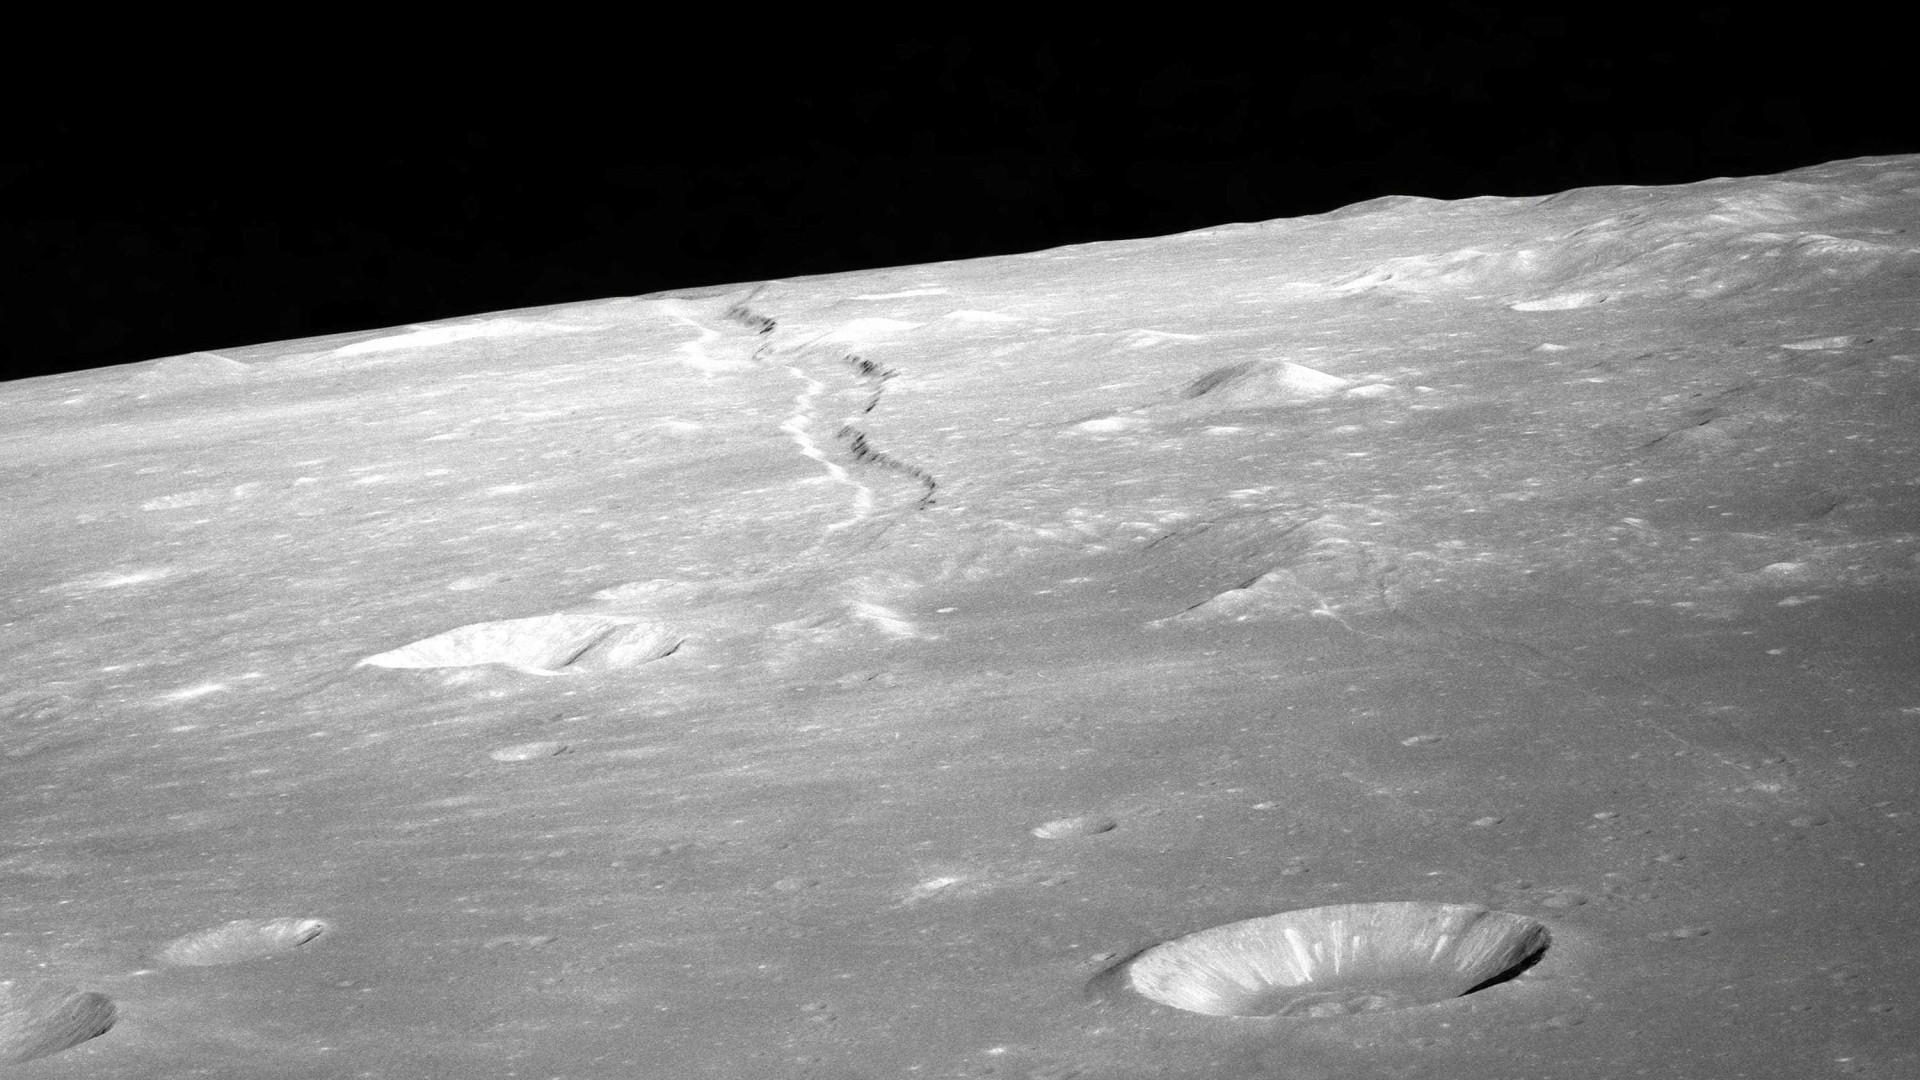 Estação lunar será construída em 2019, anuncia NASA